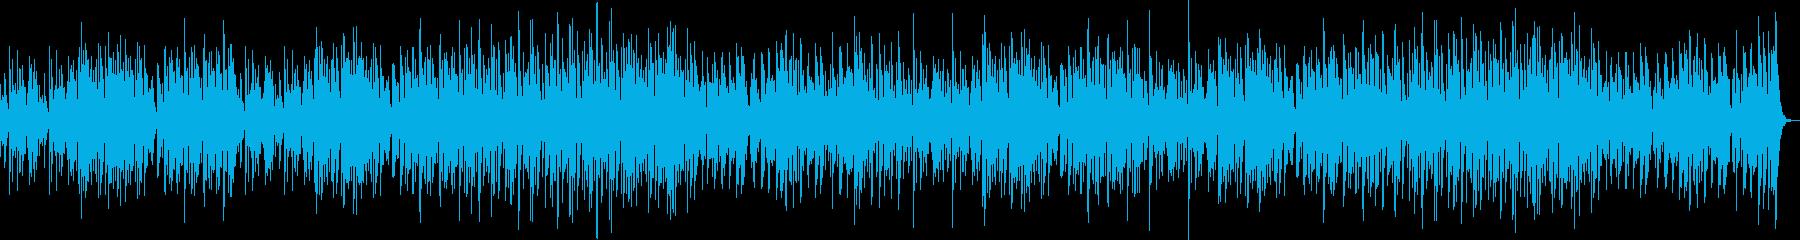 キッズ向け、軽快なマリンバの再生済みの波形